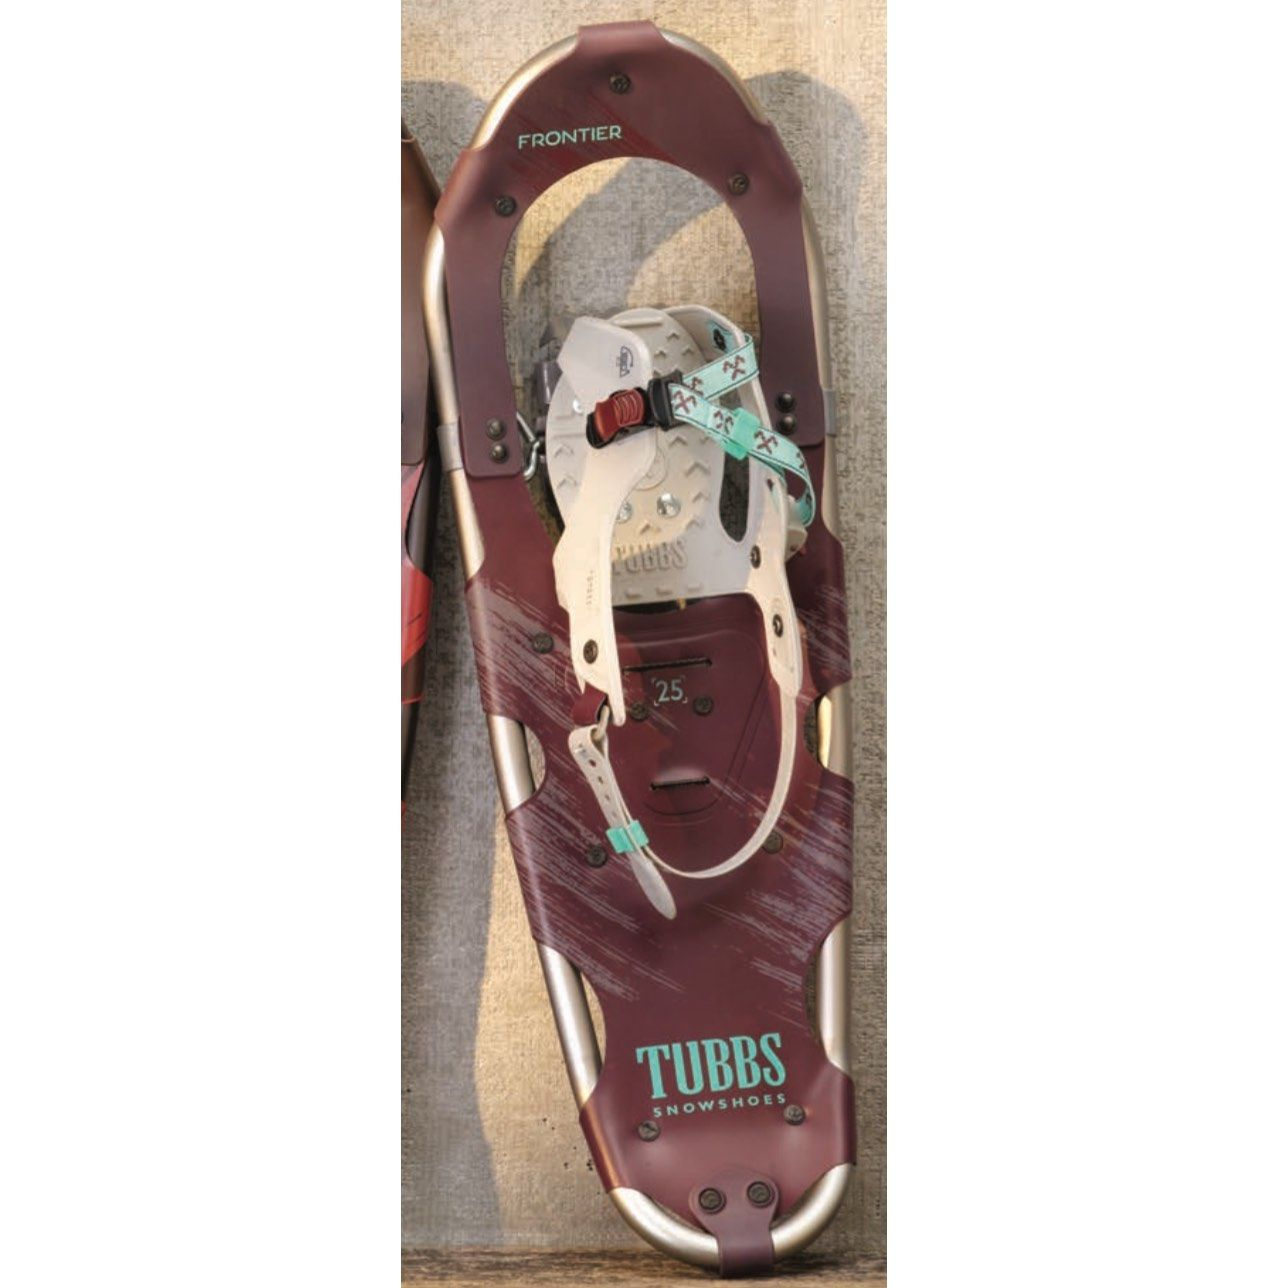 Tubbs Frontier Snowshoes - Women's